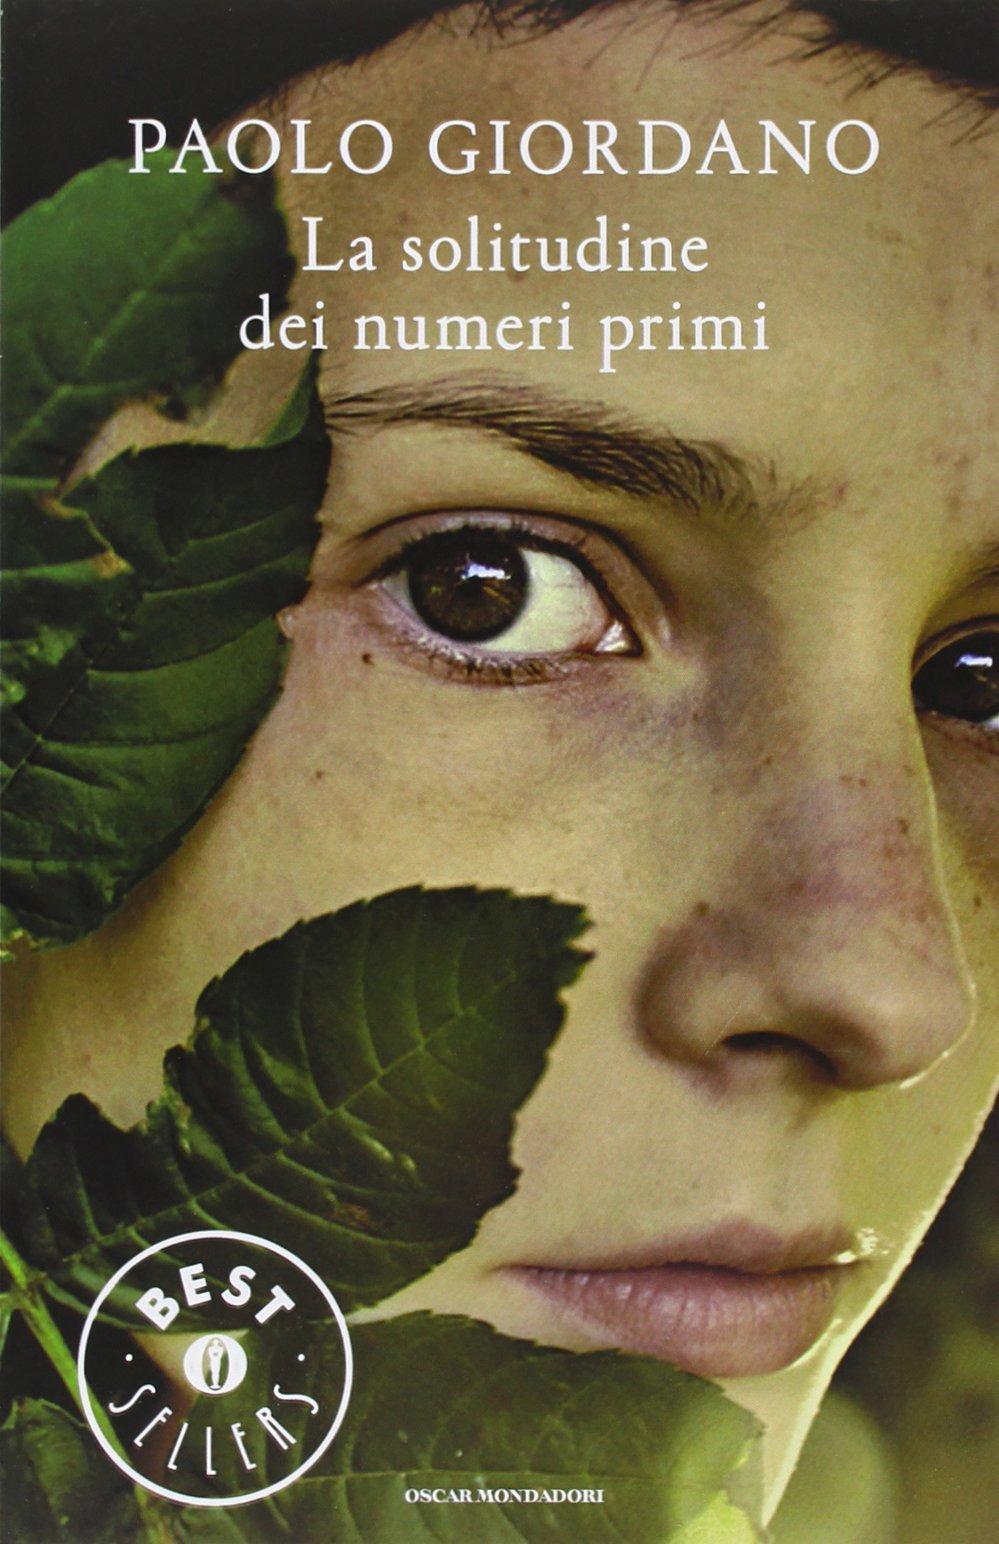 Immagine: La solitudine dei numeri primi - Paolo Giordano.